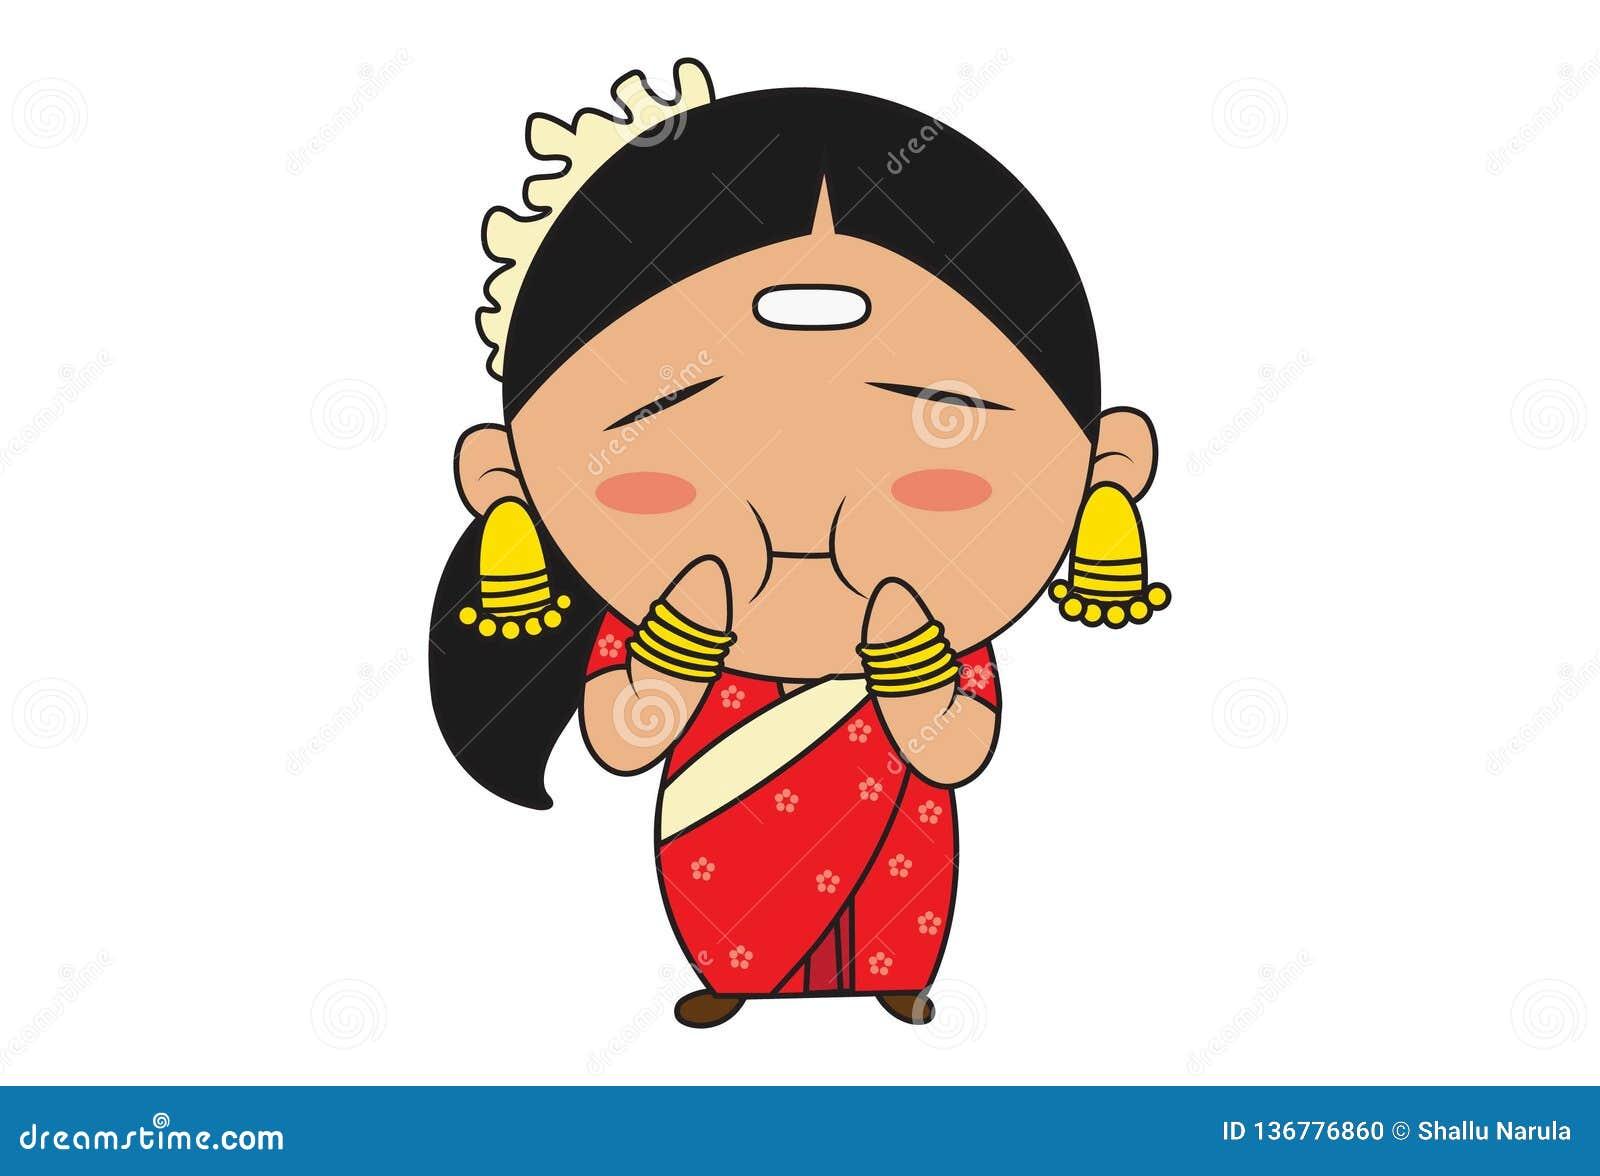 Karikatur-Illustration der indischen Südfrau